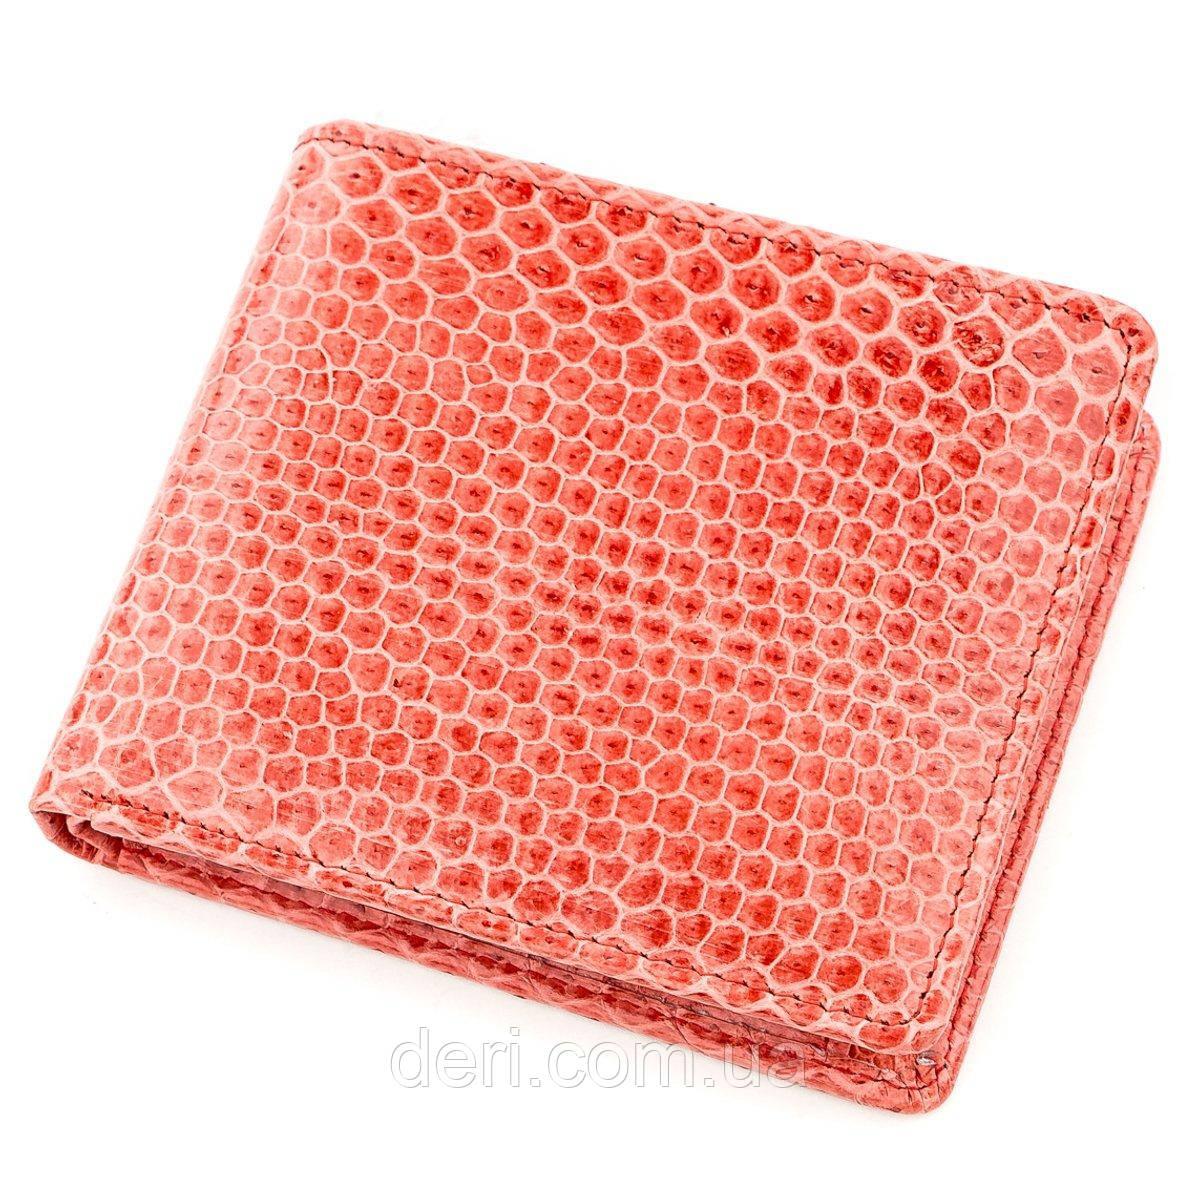 Бумажник женский из натуральной кожи морской змеи красный